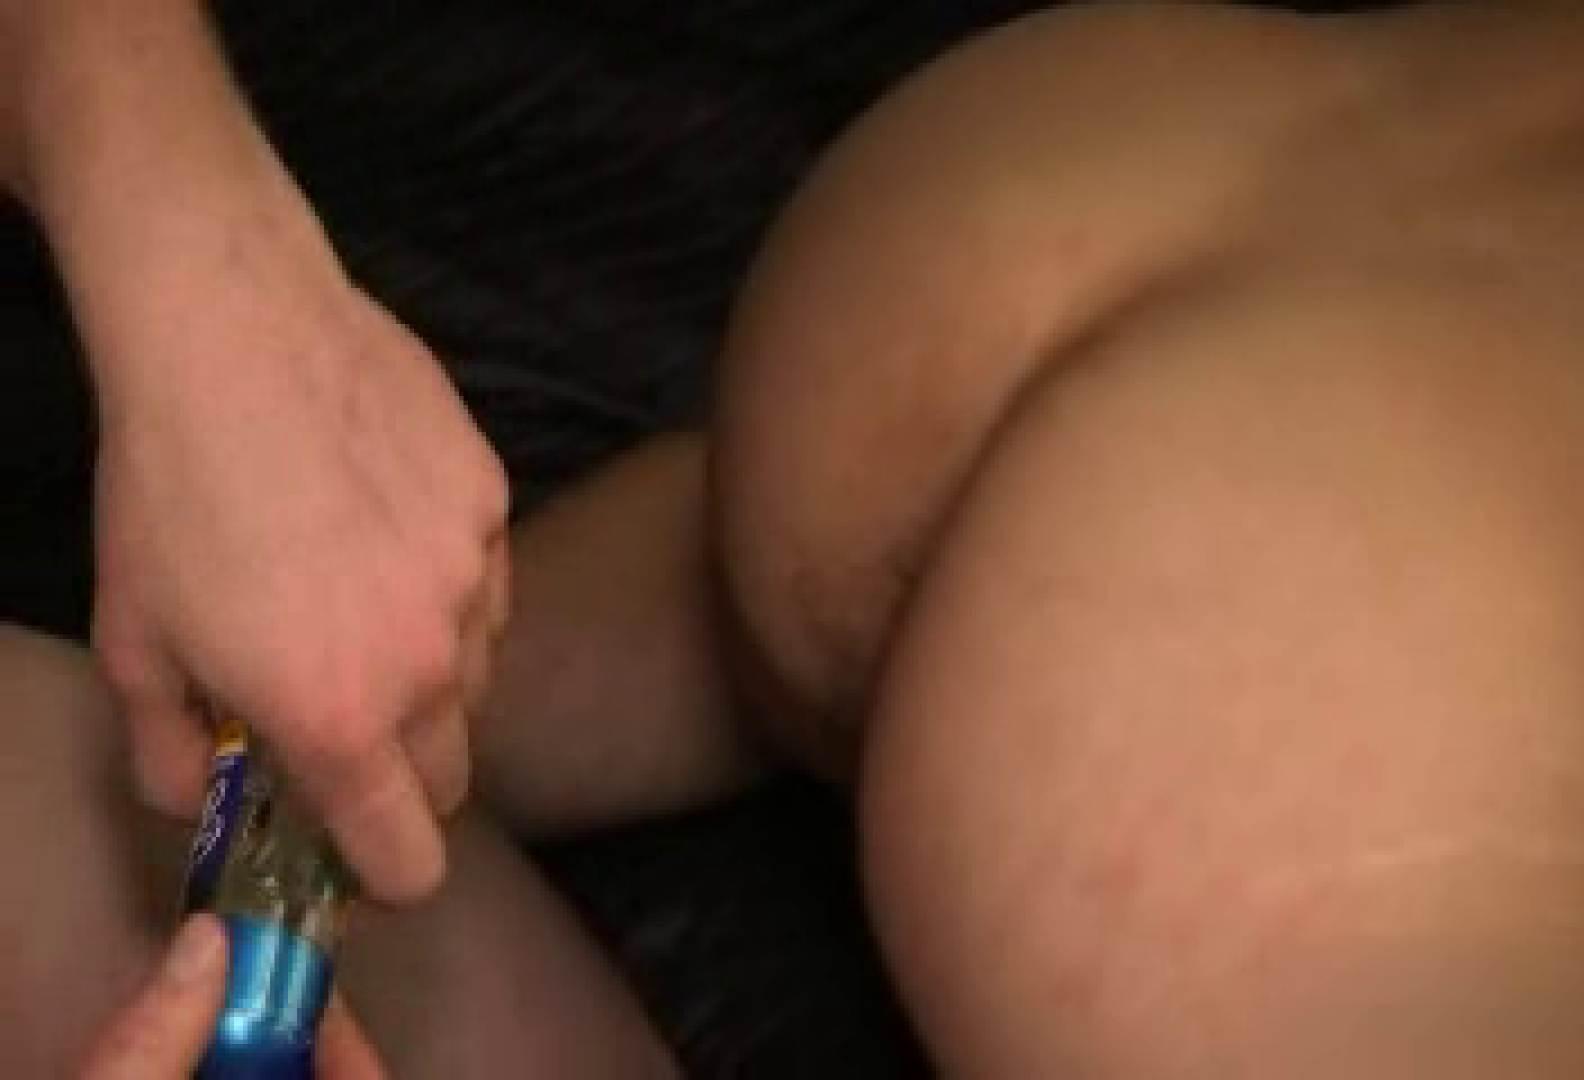 【洋物】Sweet love fuck!! オナニー アダルトビデオ画像キャプチャ 106枚 8